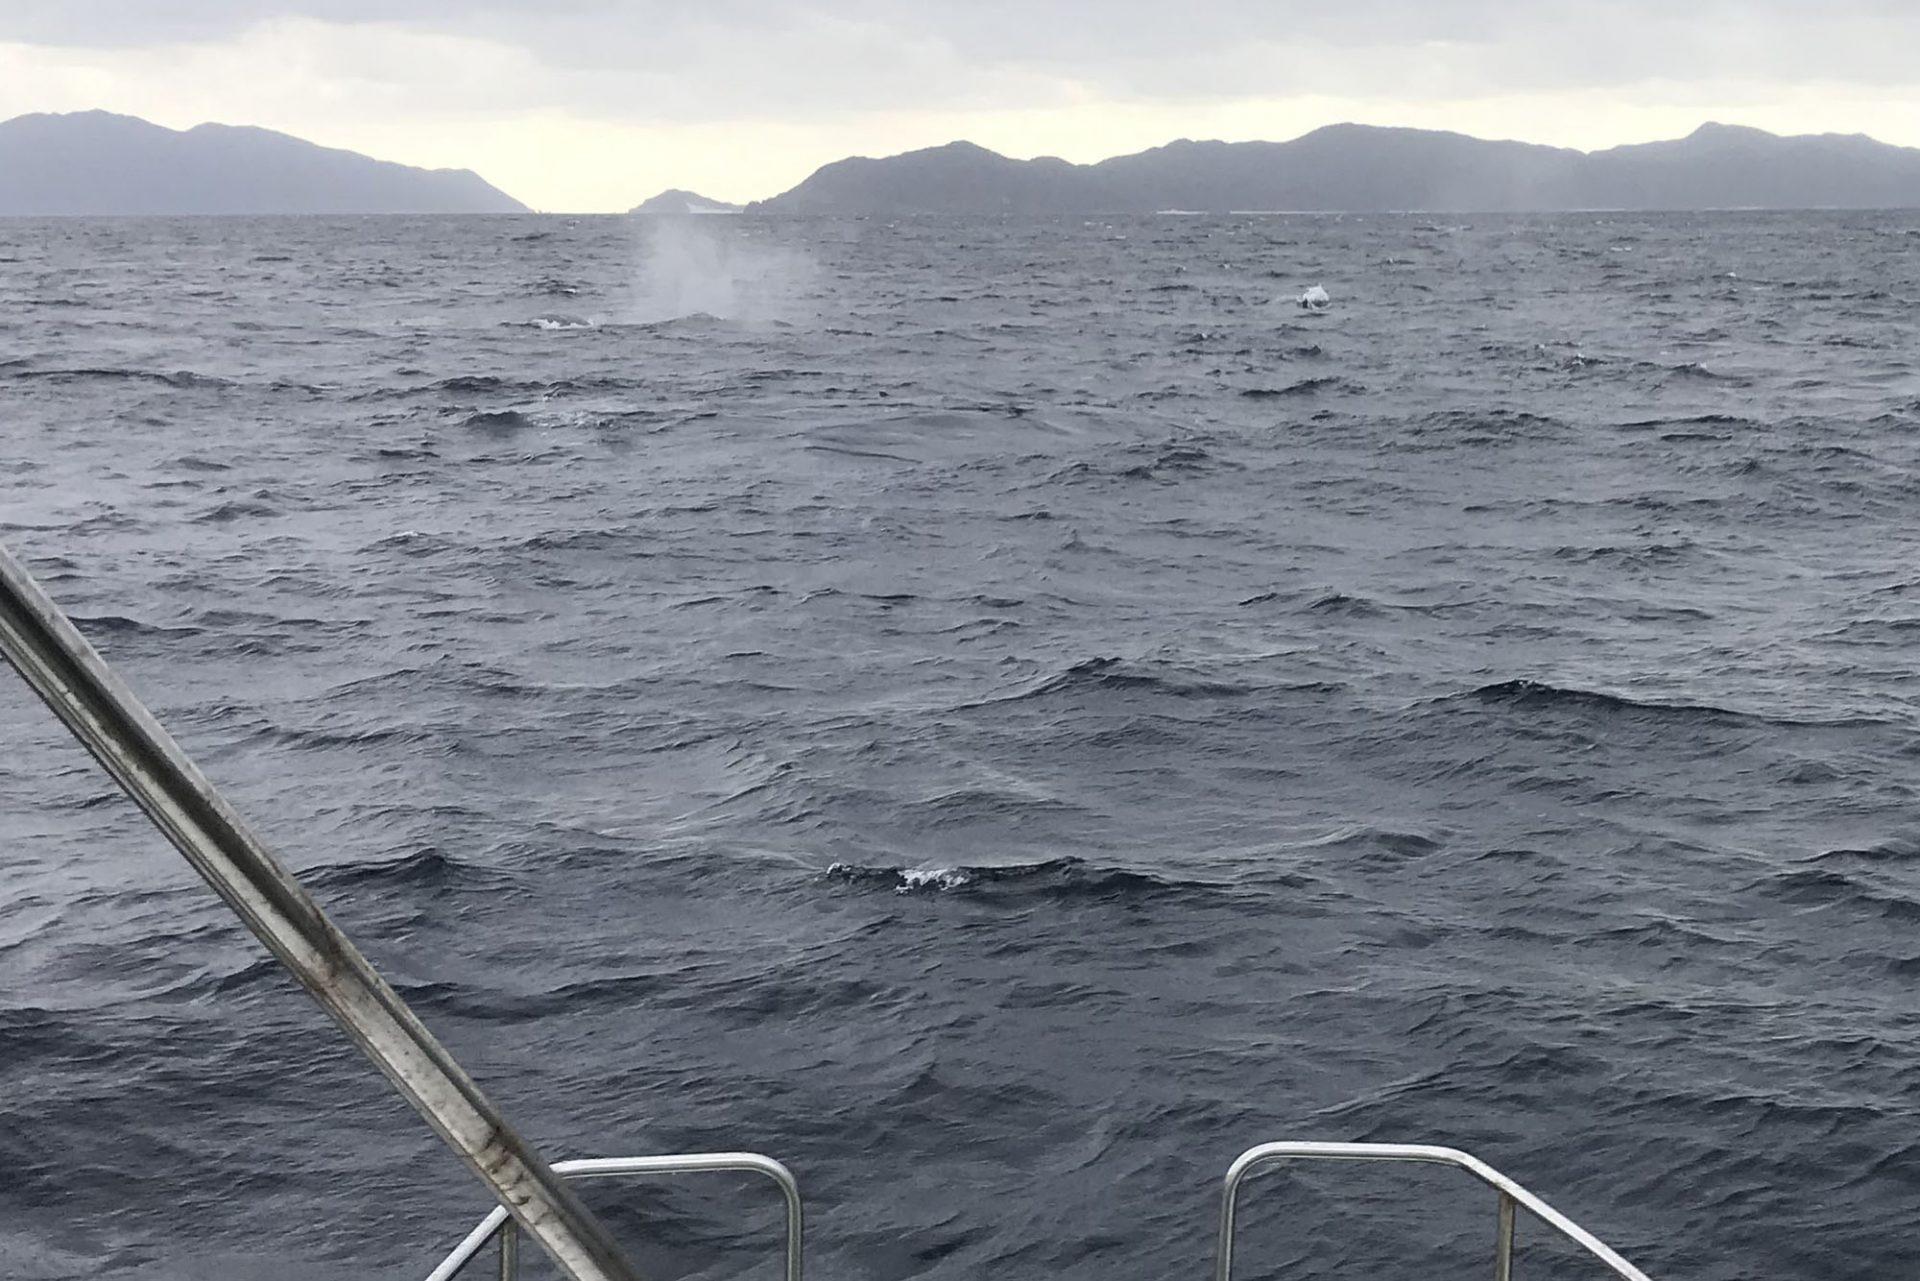 ブロー(クジラが背中の穴から勢いよく水を噴き上げること)